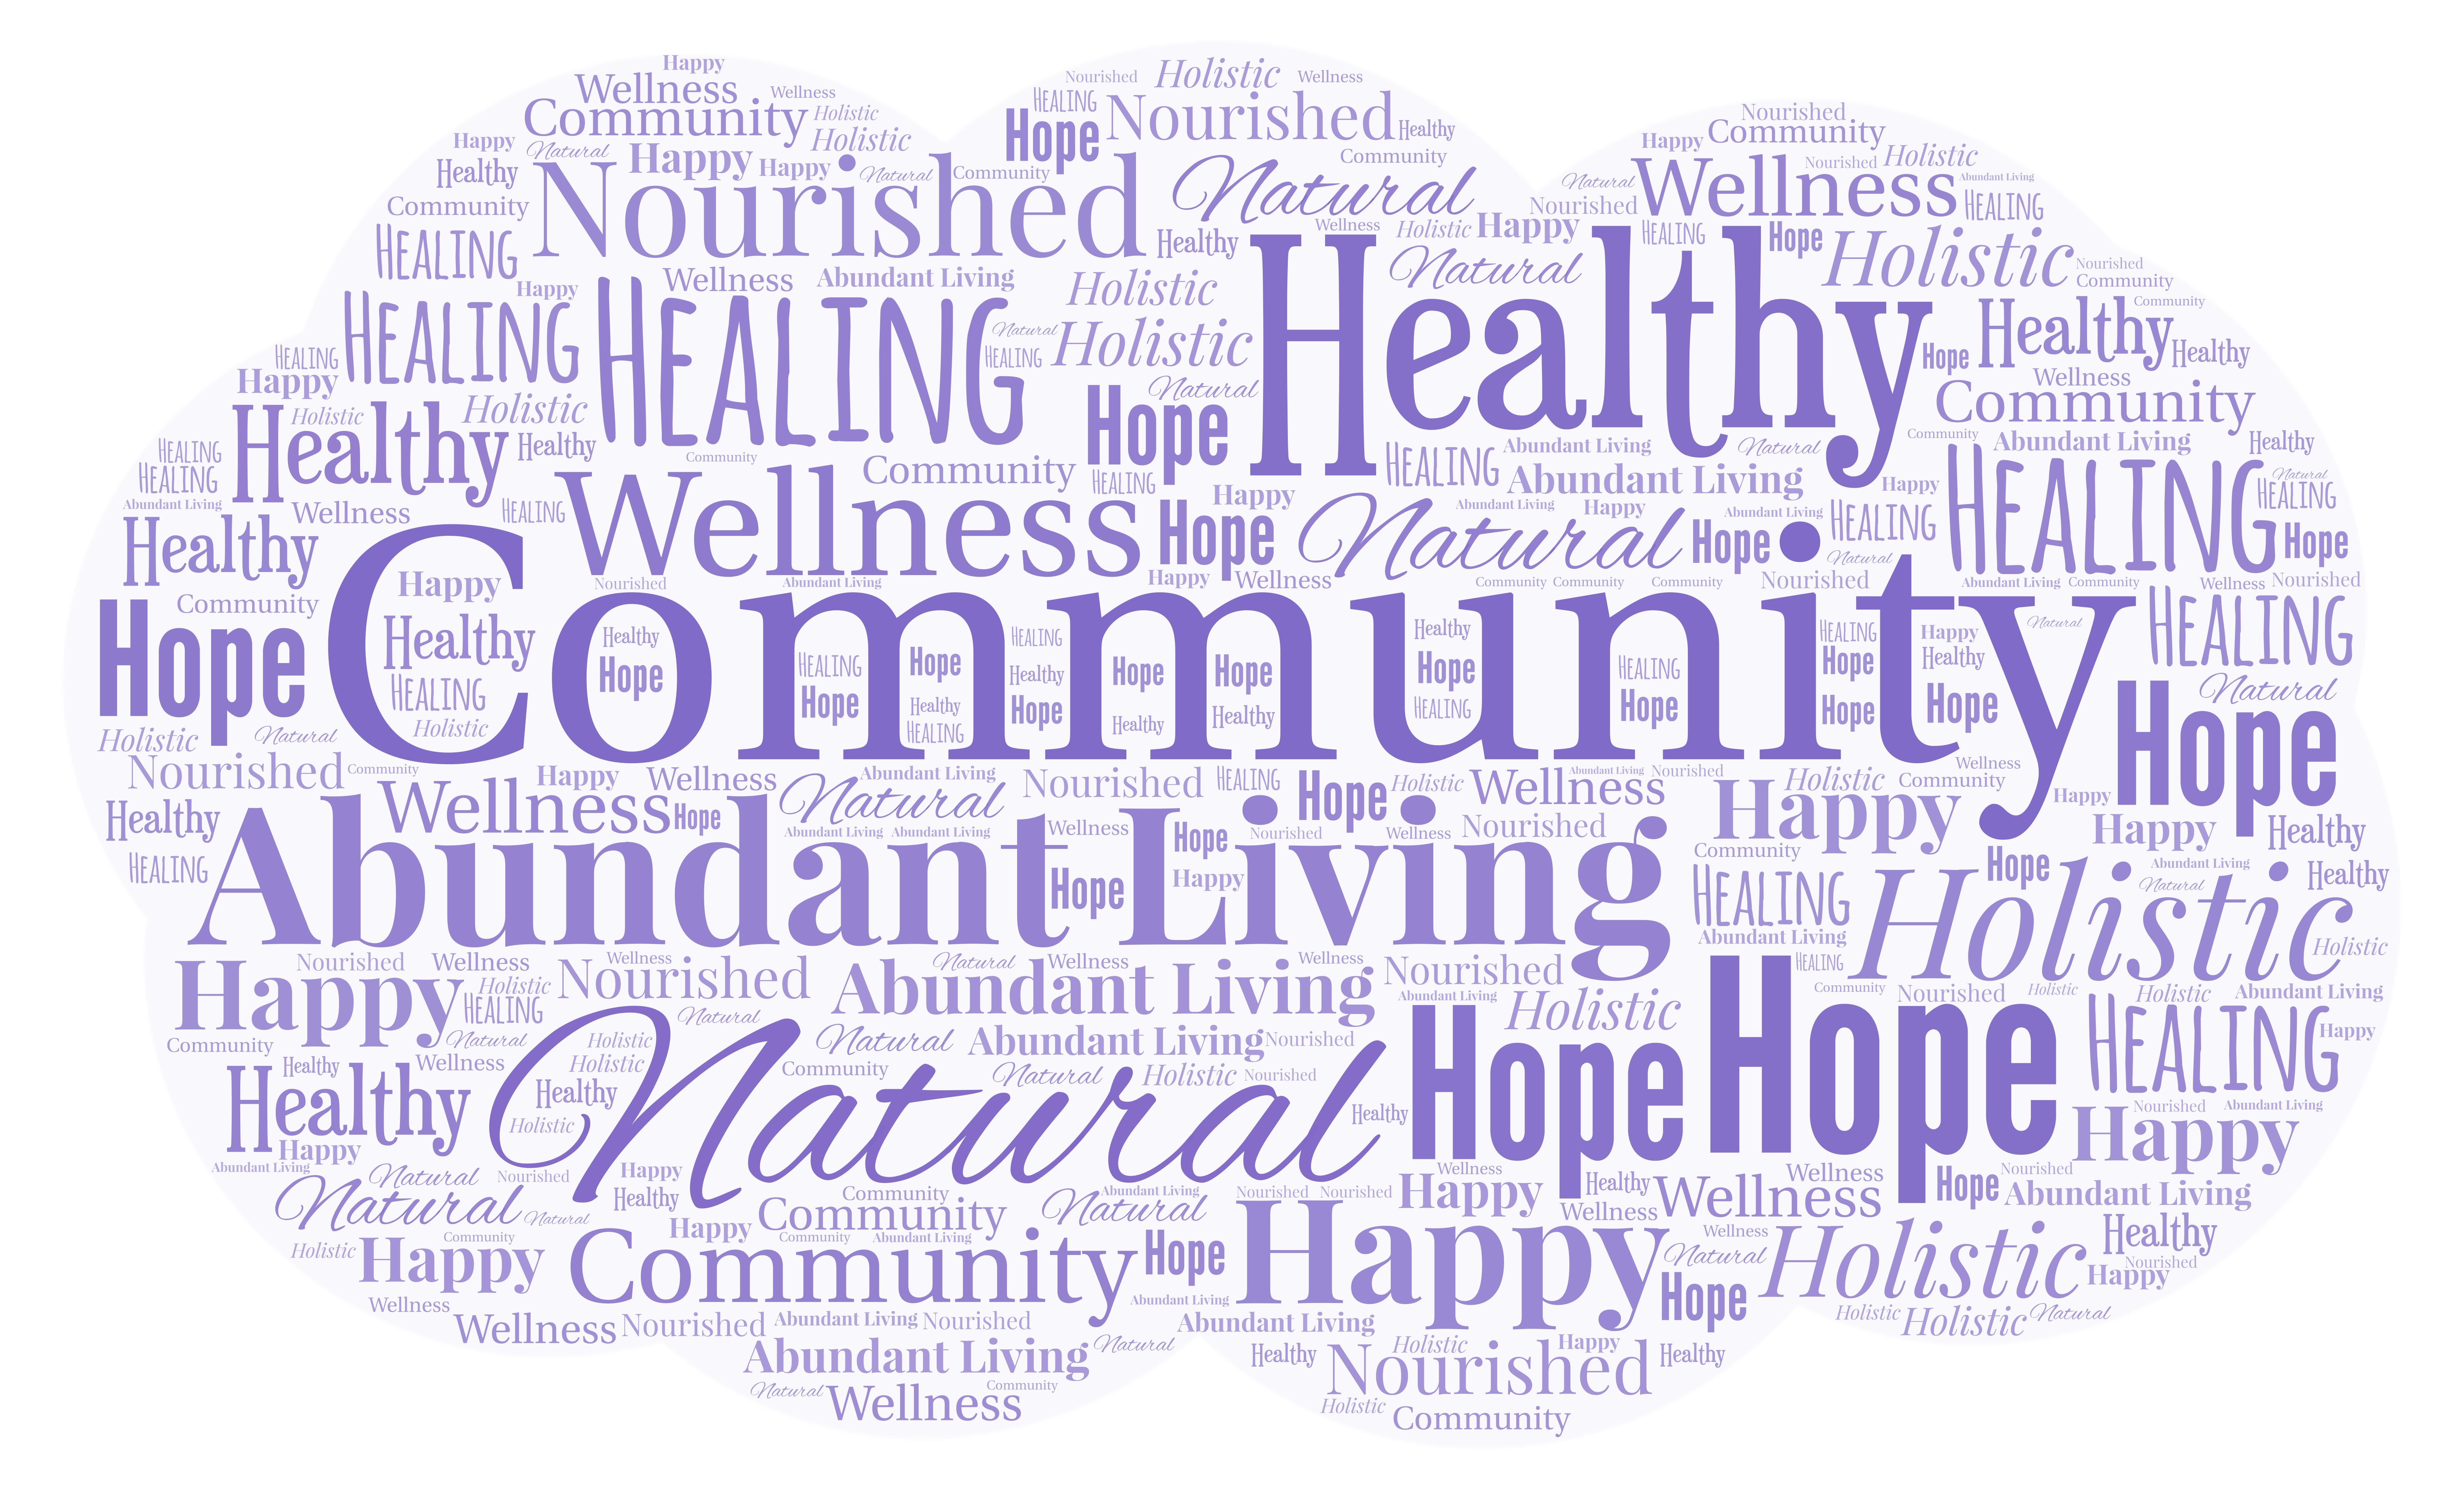 Word Art centered around Natural Healing Hope Community